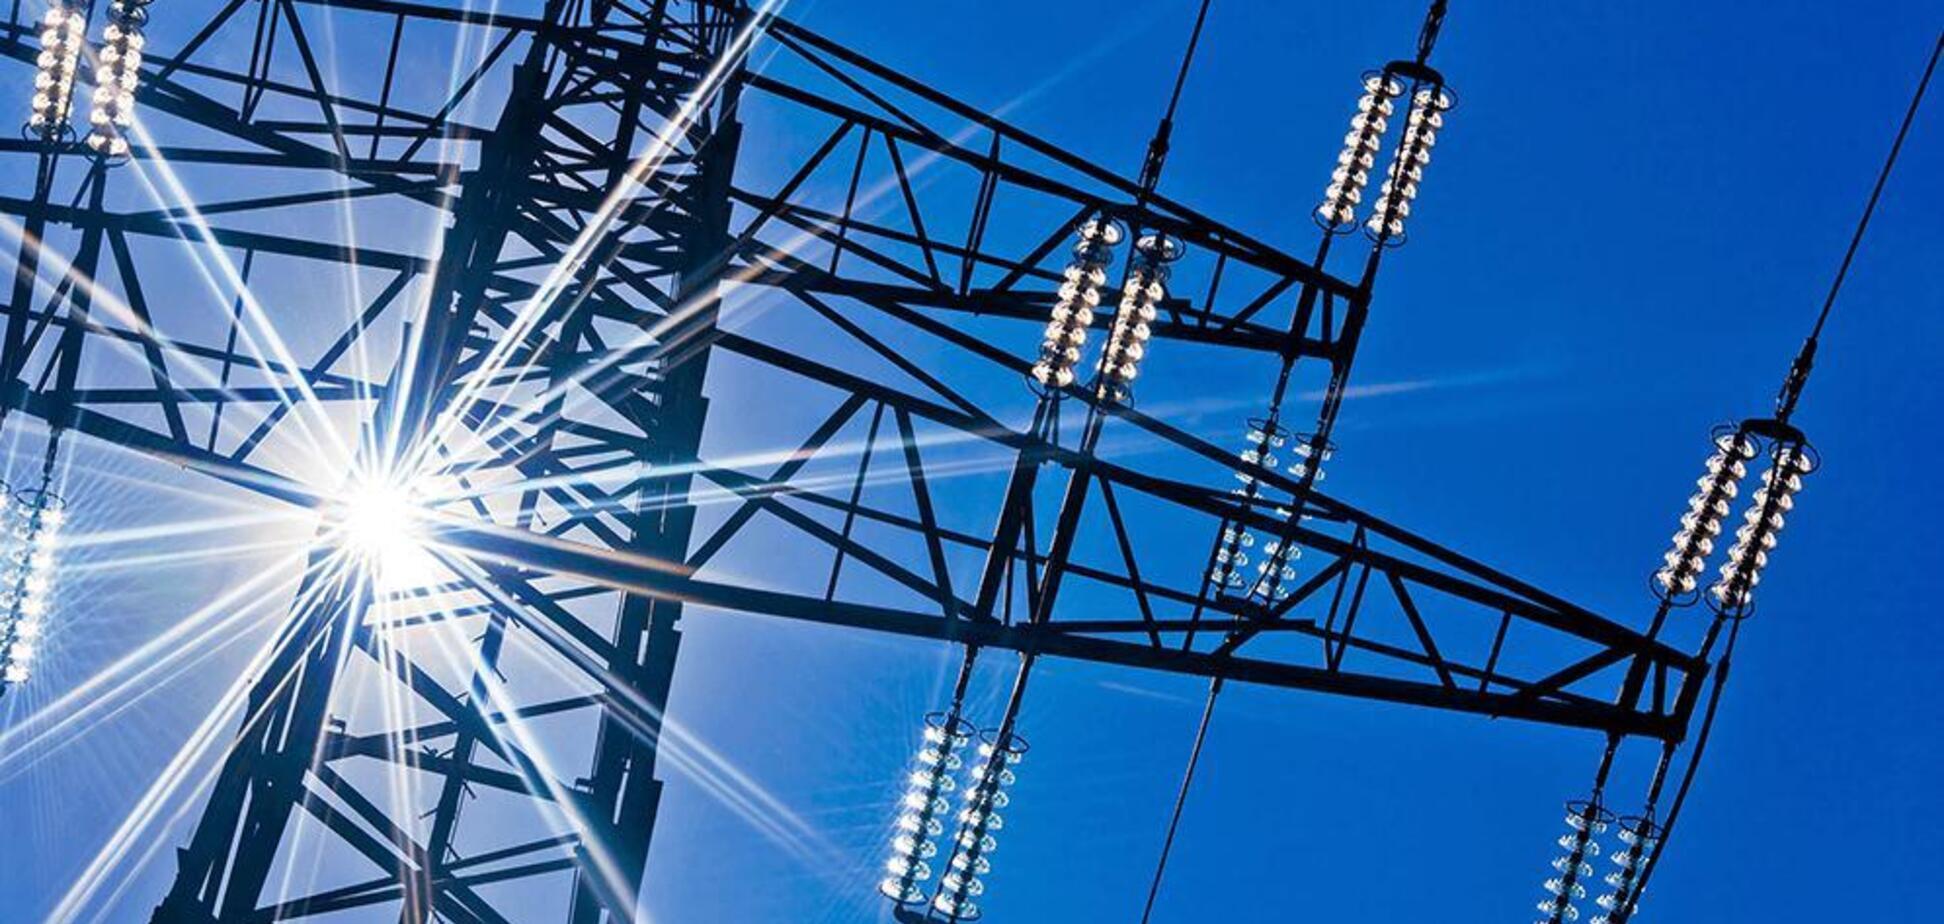 RAB-тарифи стимулюватимуть операторів системи розподілу модернізувати мережі – очільник 'Хмельницькобленерго'